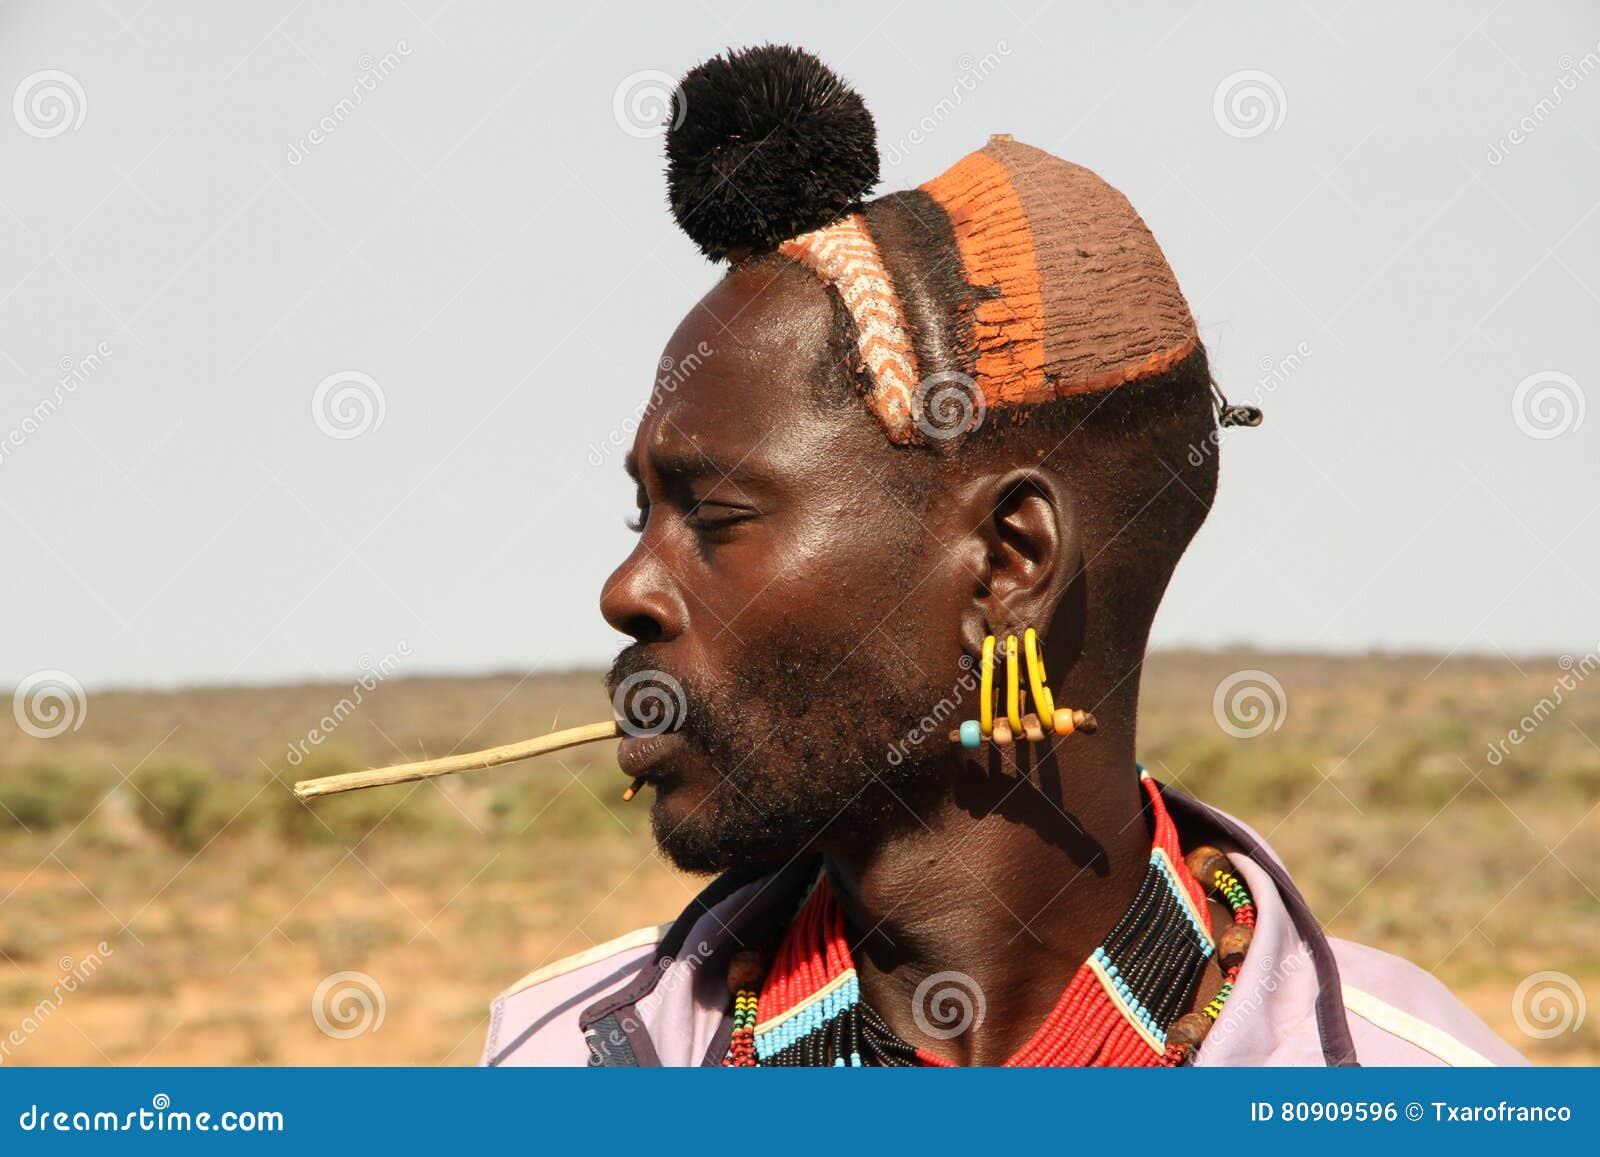 Profile portrait of a young male of the hamer ethnicity in Turmi